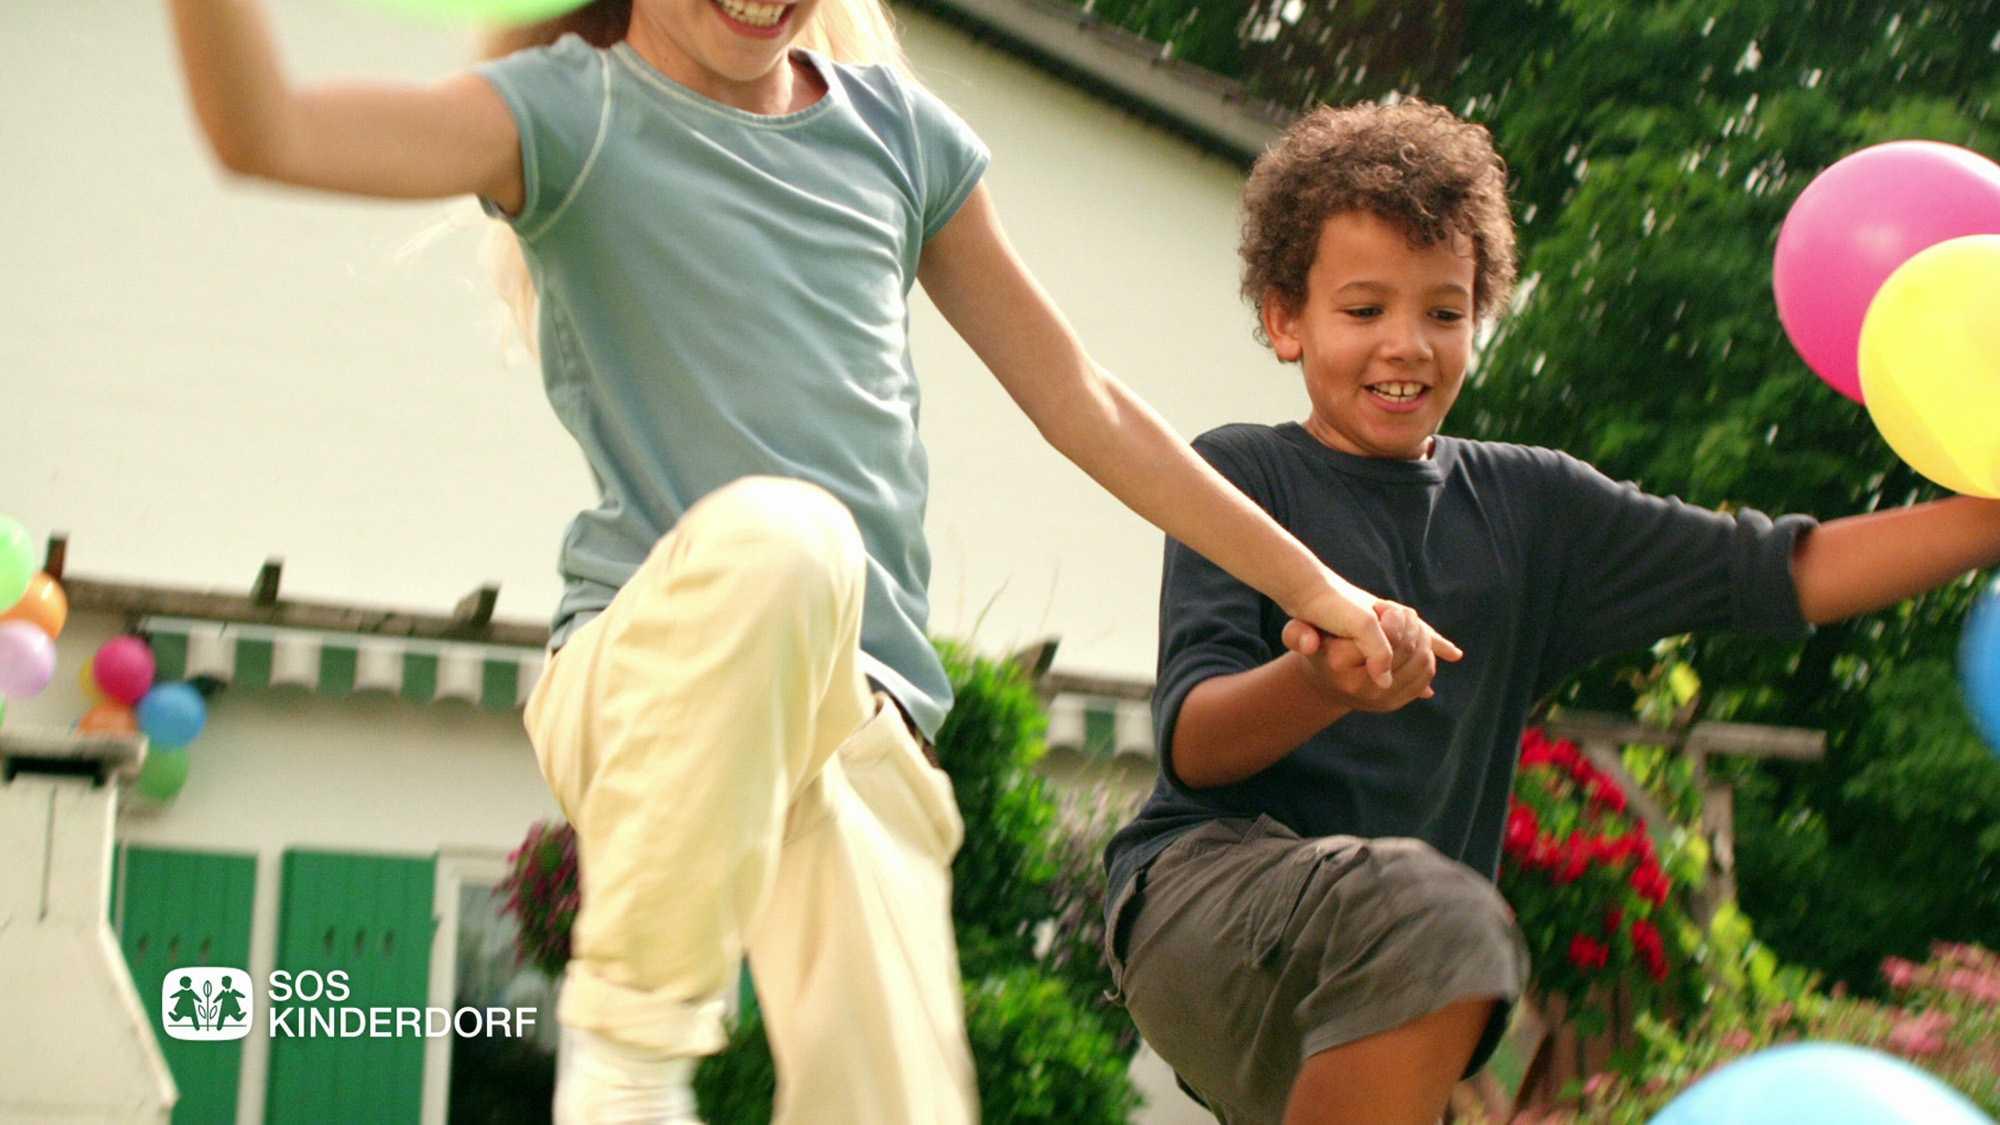 Das Bild zeigt zwei Kinder. Ein Junge springt auf der rechten Seite des Bildes in die Luft, er hält zwei Ballons in der Hand. Neben ihm springt ein Mädchen in die Luft. Sie halten sich an den Händen. Das Bild dient als Sliderbild für den Portfolioeintrag SOS-Kinderdorf Sommer von Panda Pictures.